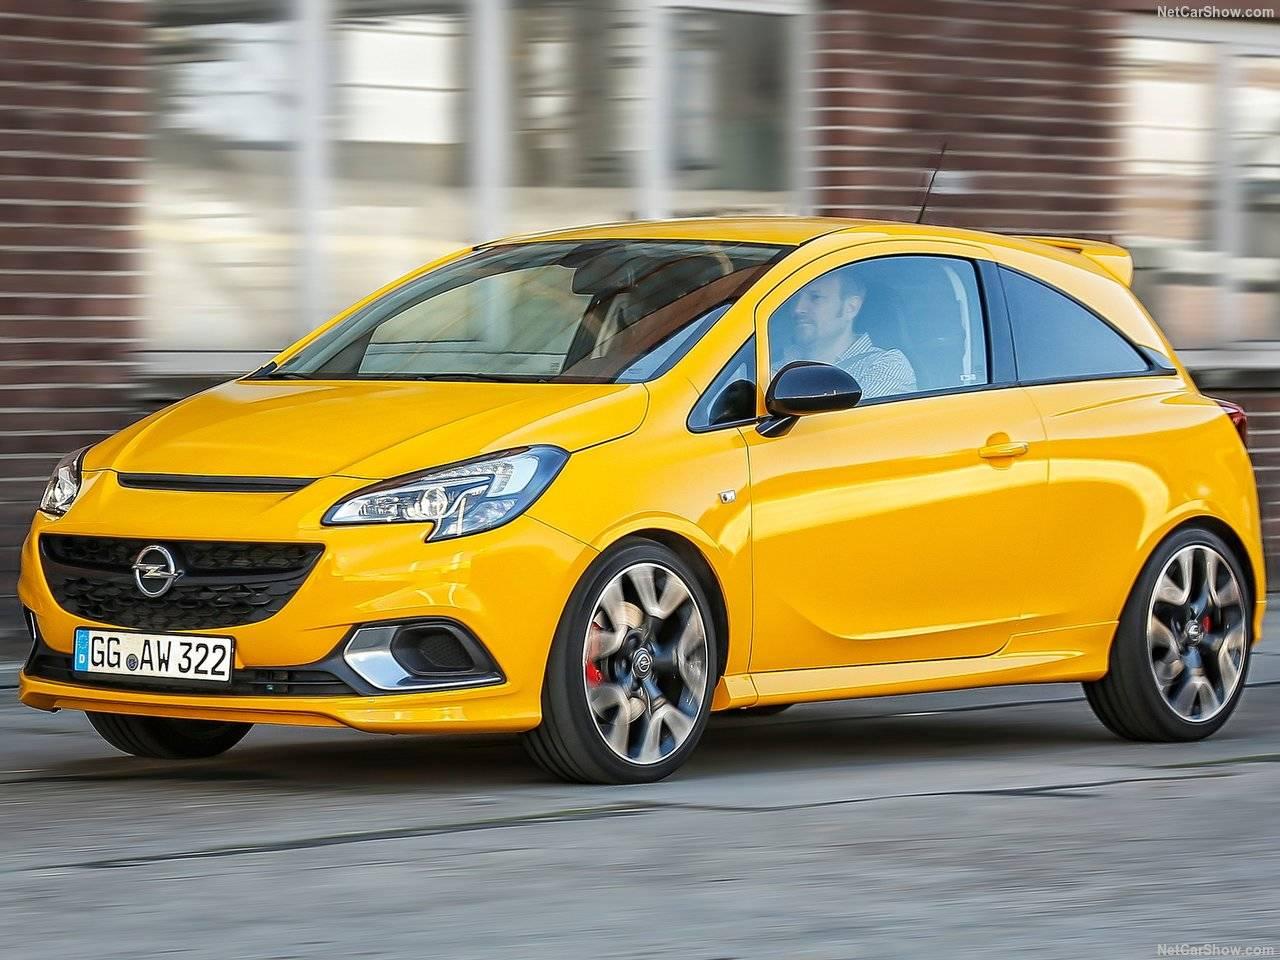 Opel Corsa GSiがモデルチェンジして登場しそう!日本では並行輸入で新車に乗れそう!!!